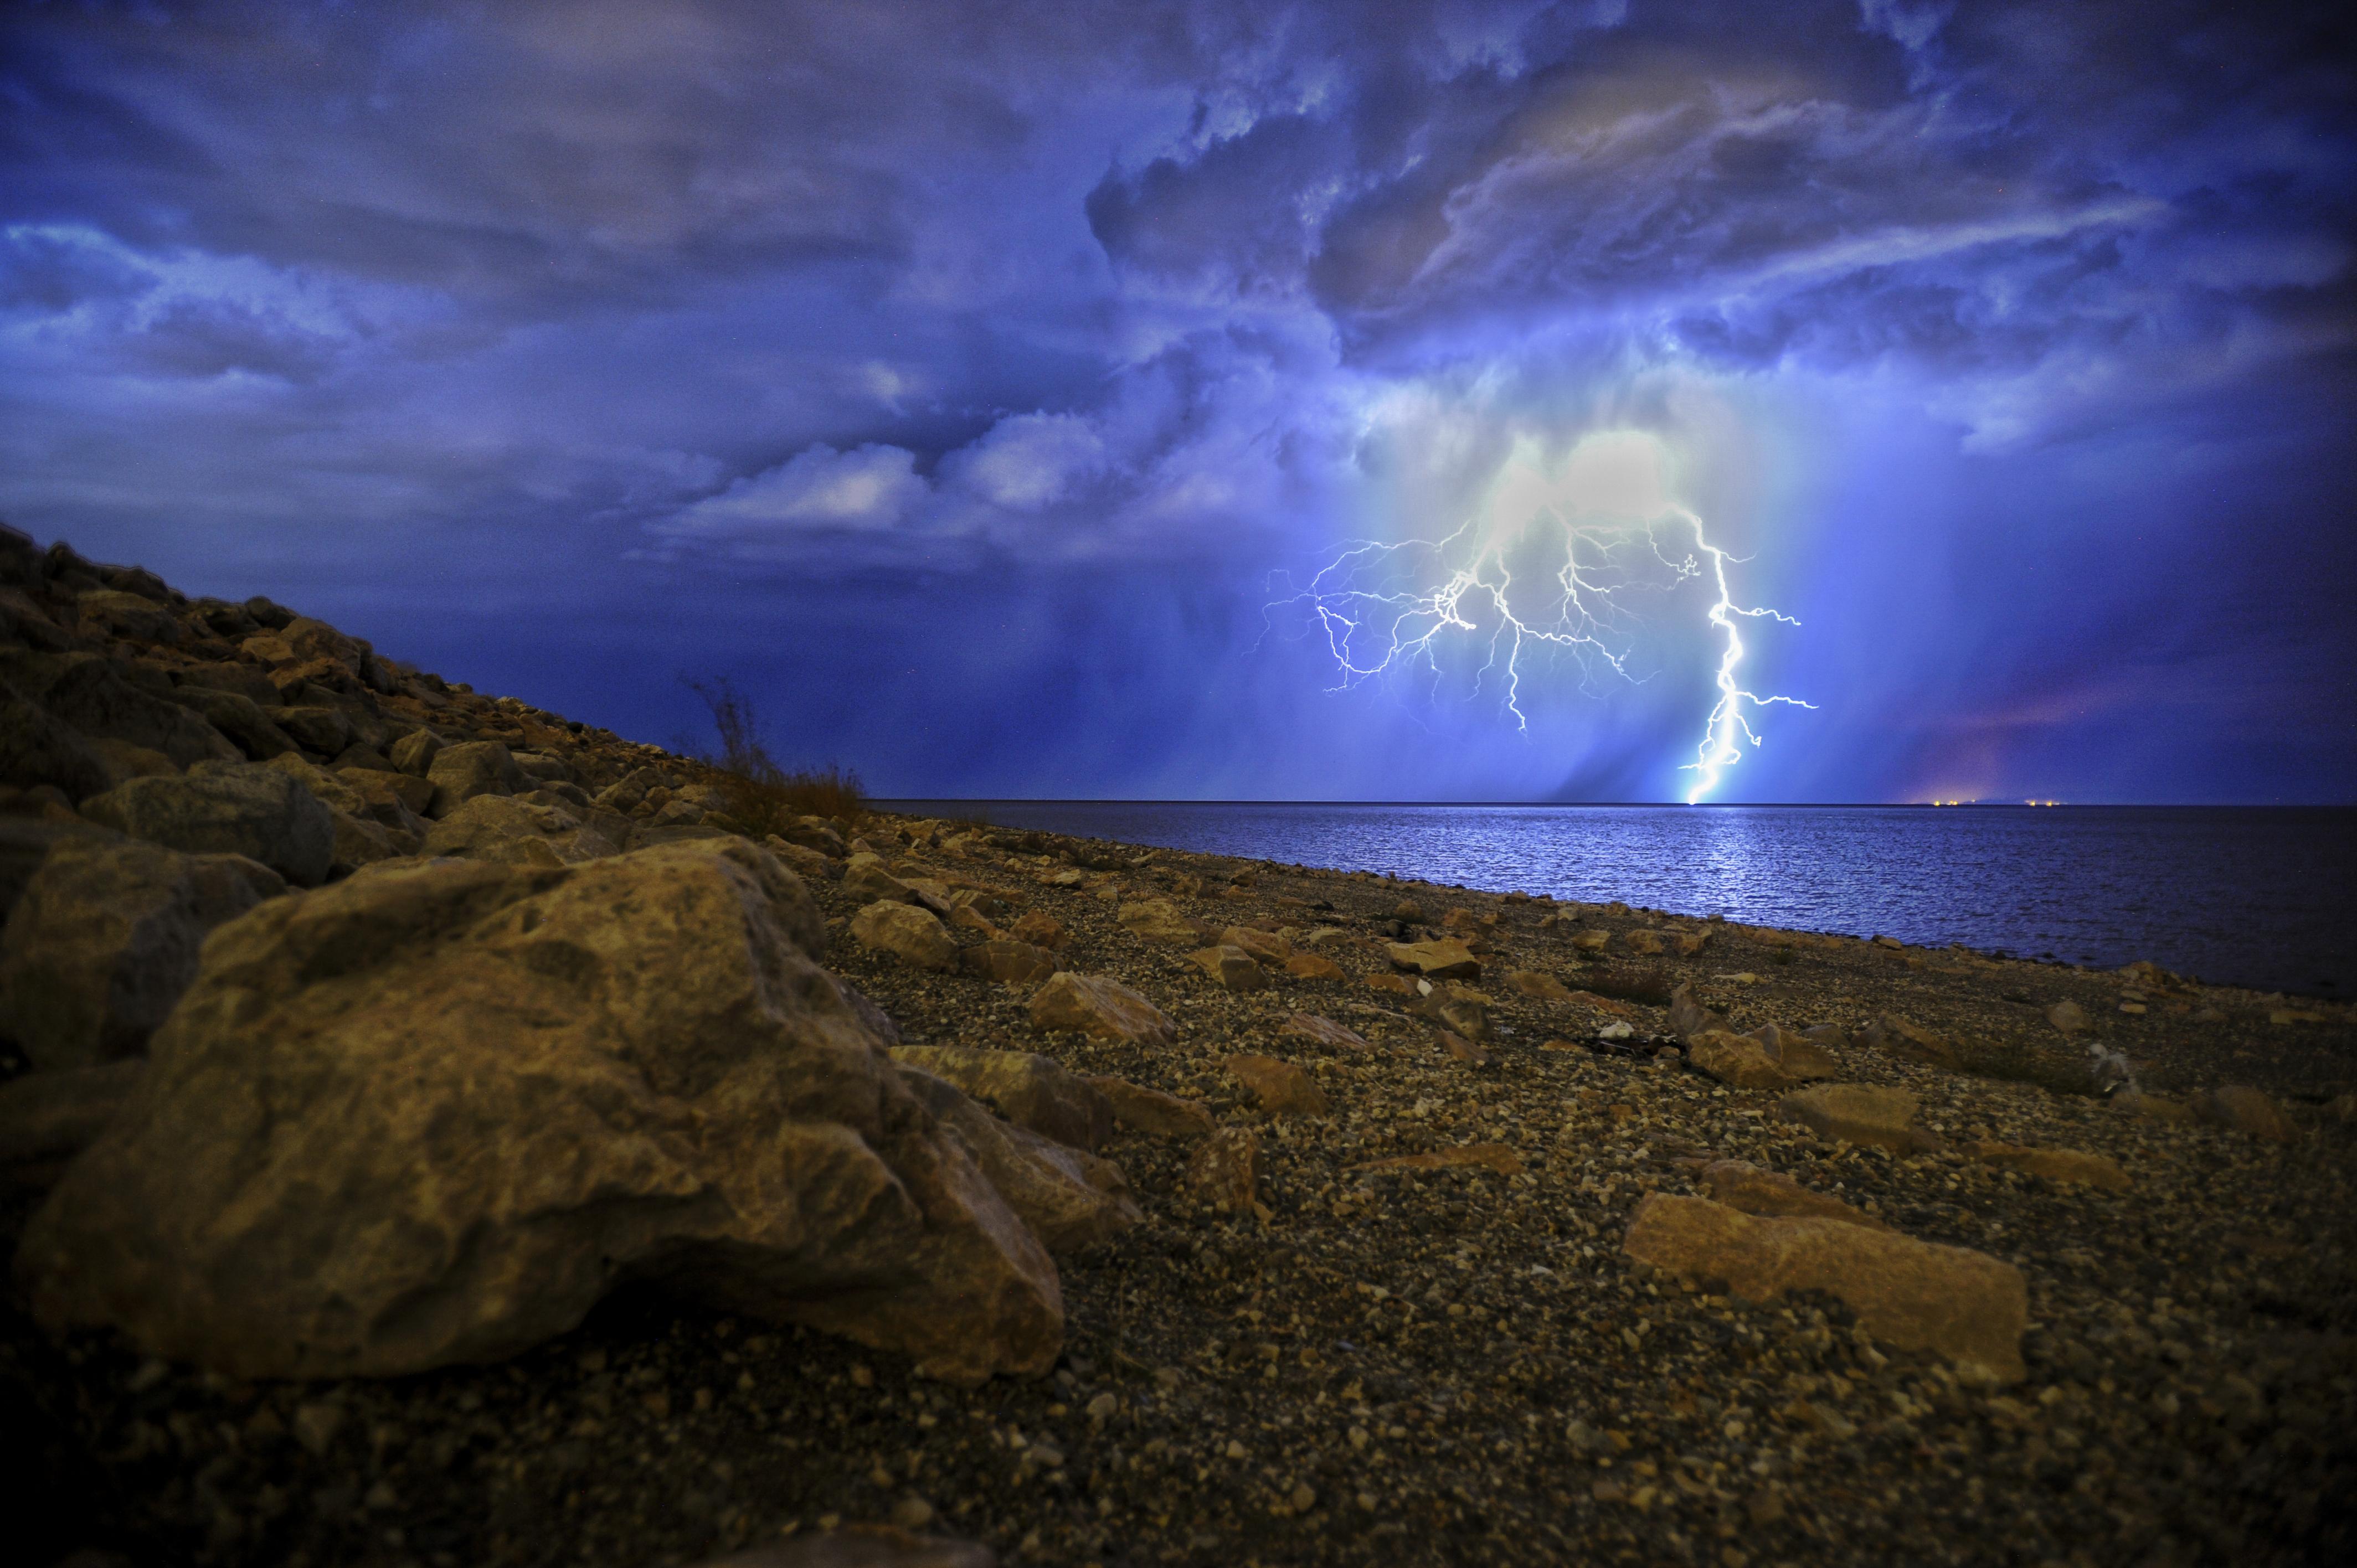 59011 скачать обои Природа, Ночь, Озеро, Берег, Пасмурно, Гроза, Шторм - заставки и картинки бесплатно